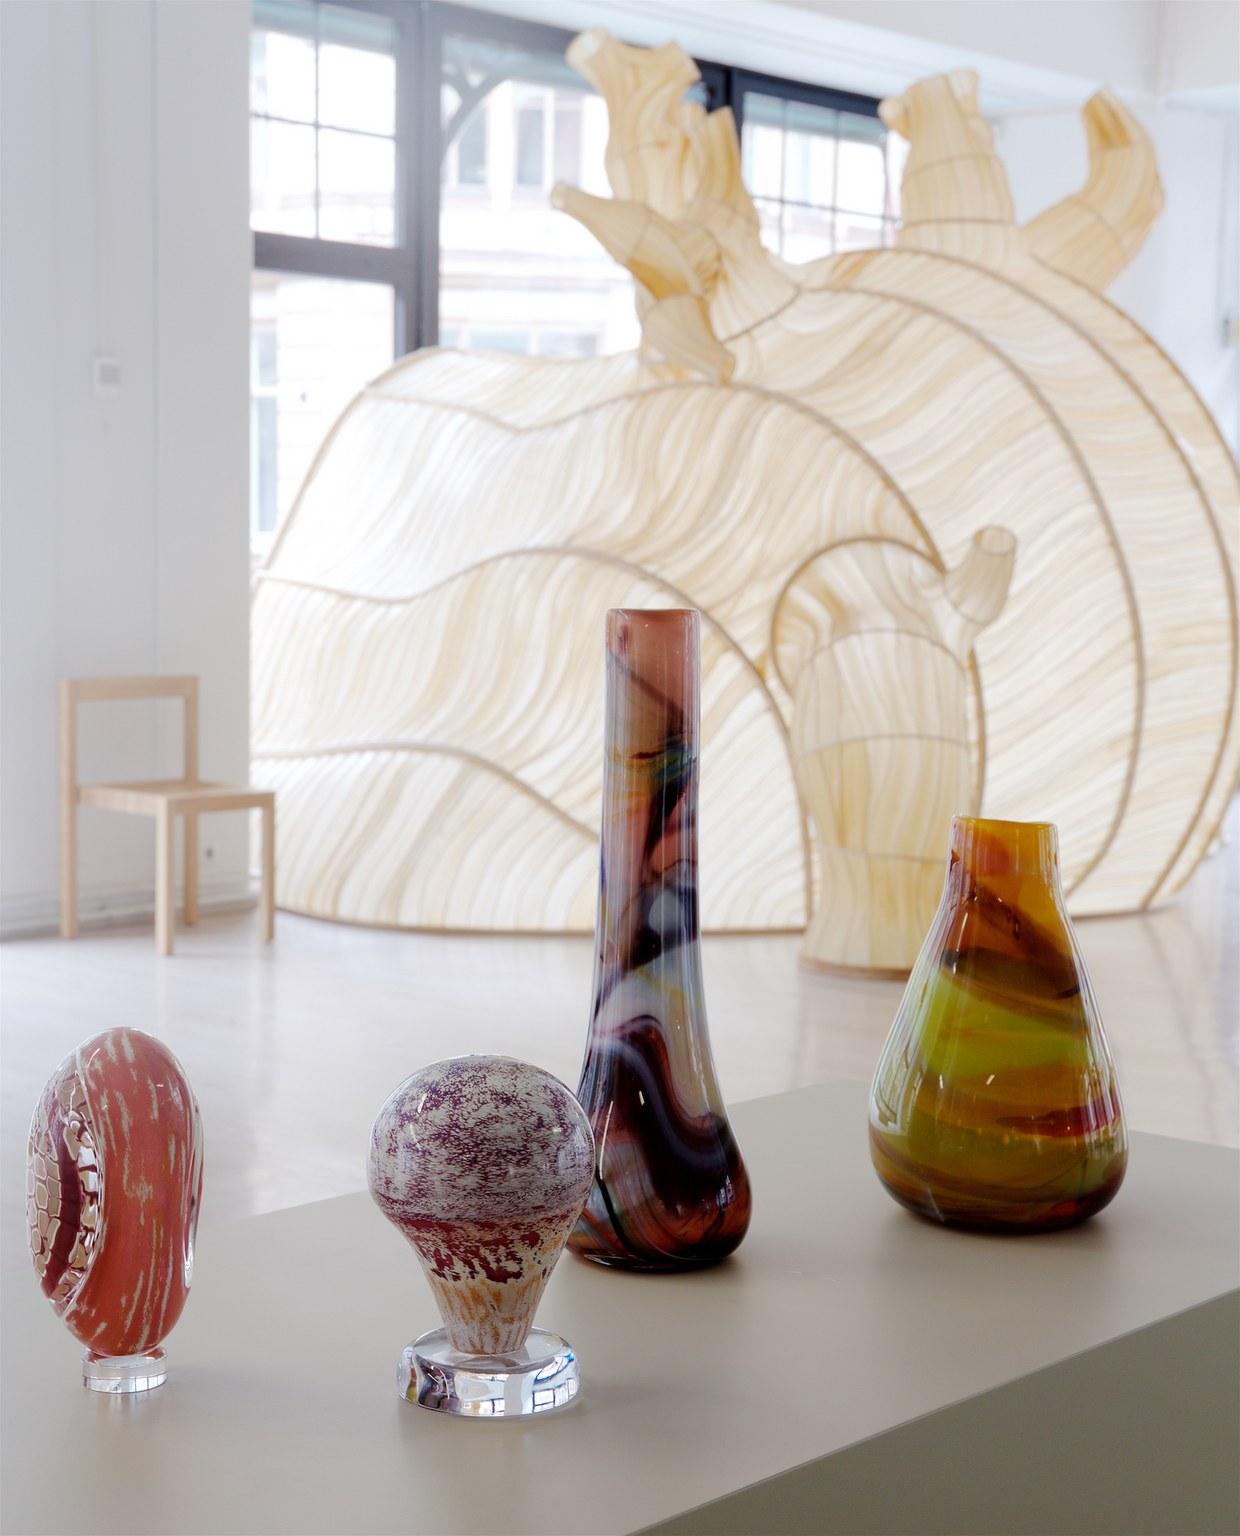 092021_exhibition_GlasshouseHelsinki 13 copy